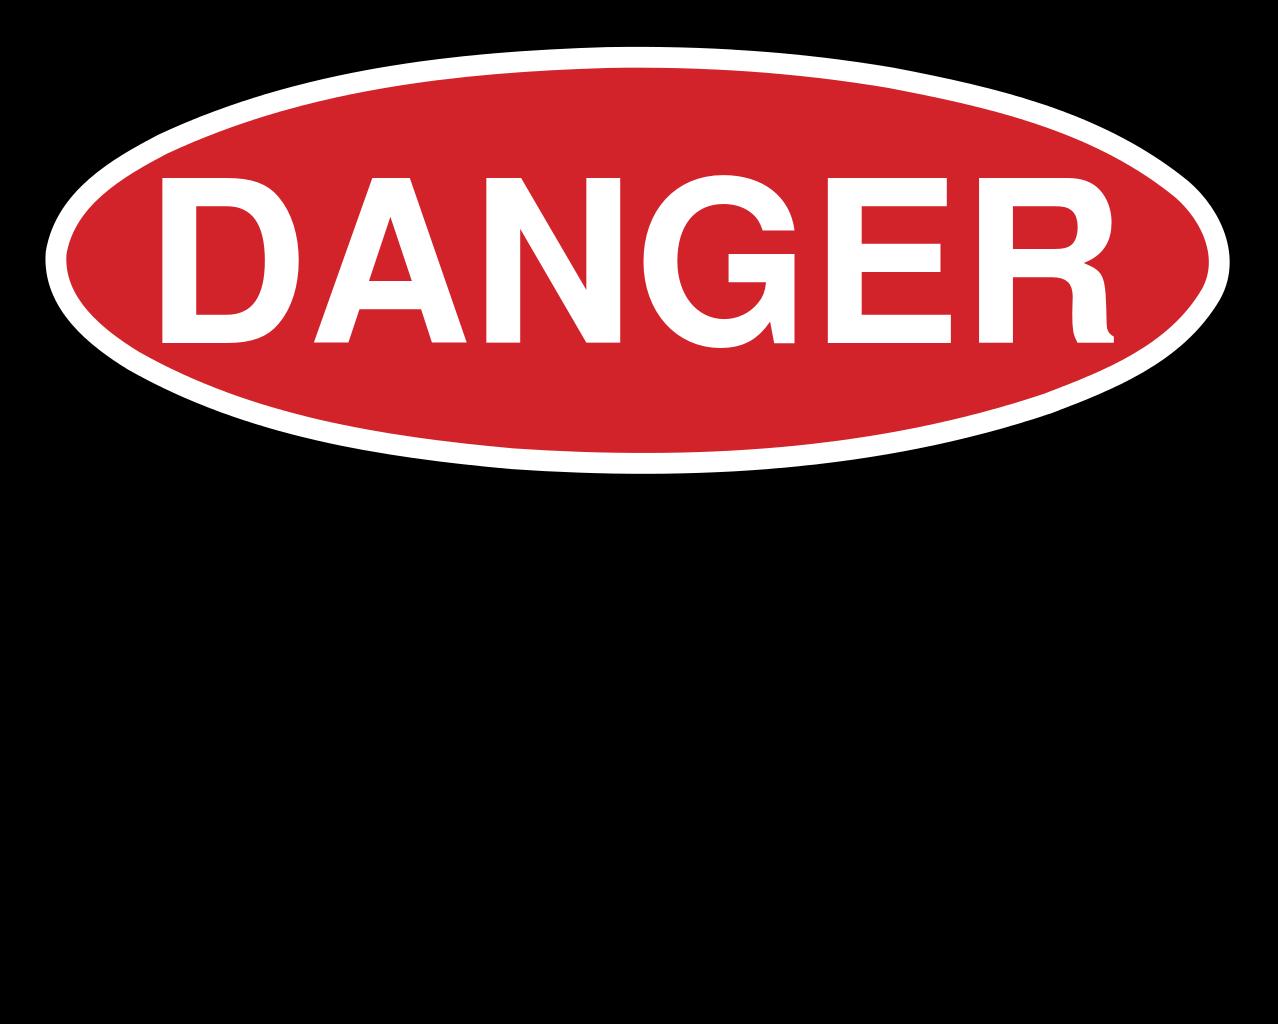 Danger svg #18, Download drawings